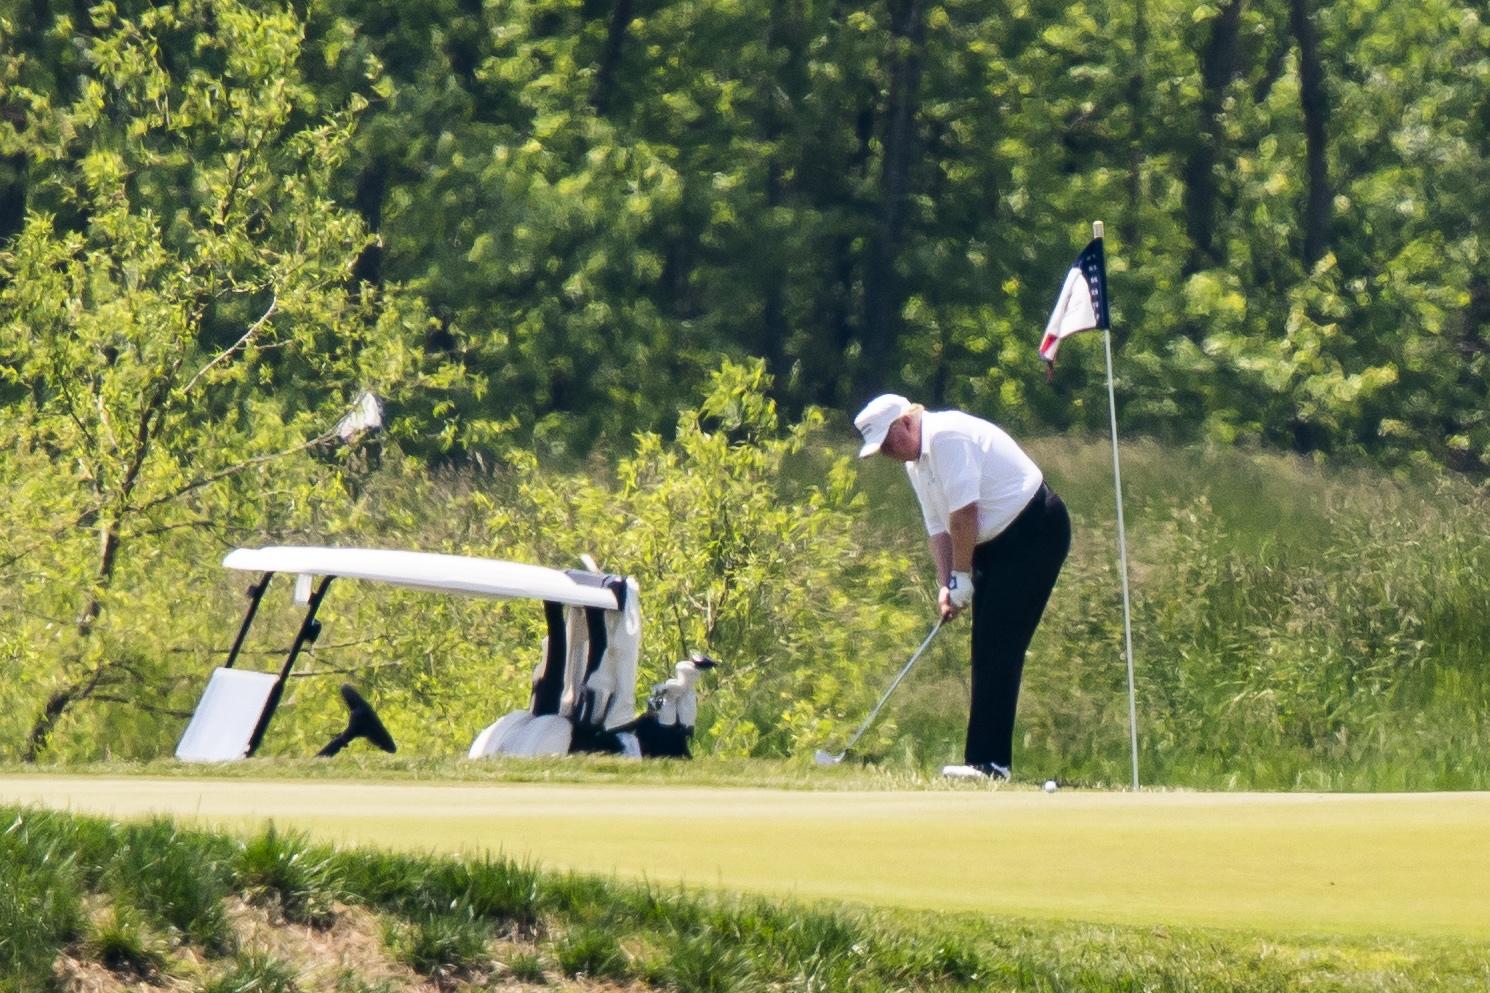 도널드 트럼프 미국 대통령이 23일(현지시간) 트럼프 내셔널 골프 클럽에서 골프를 치고 있다. [EPA=연합뉴스]